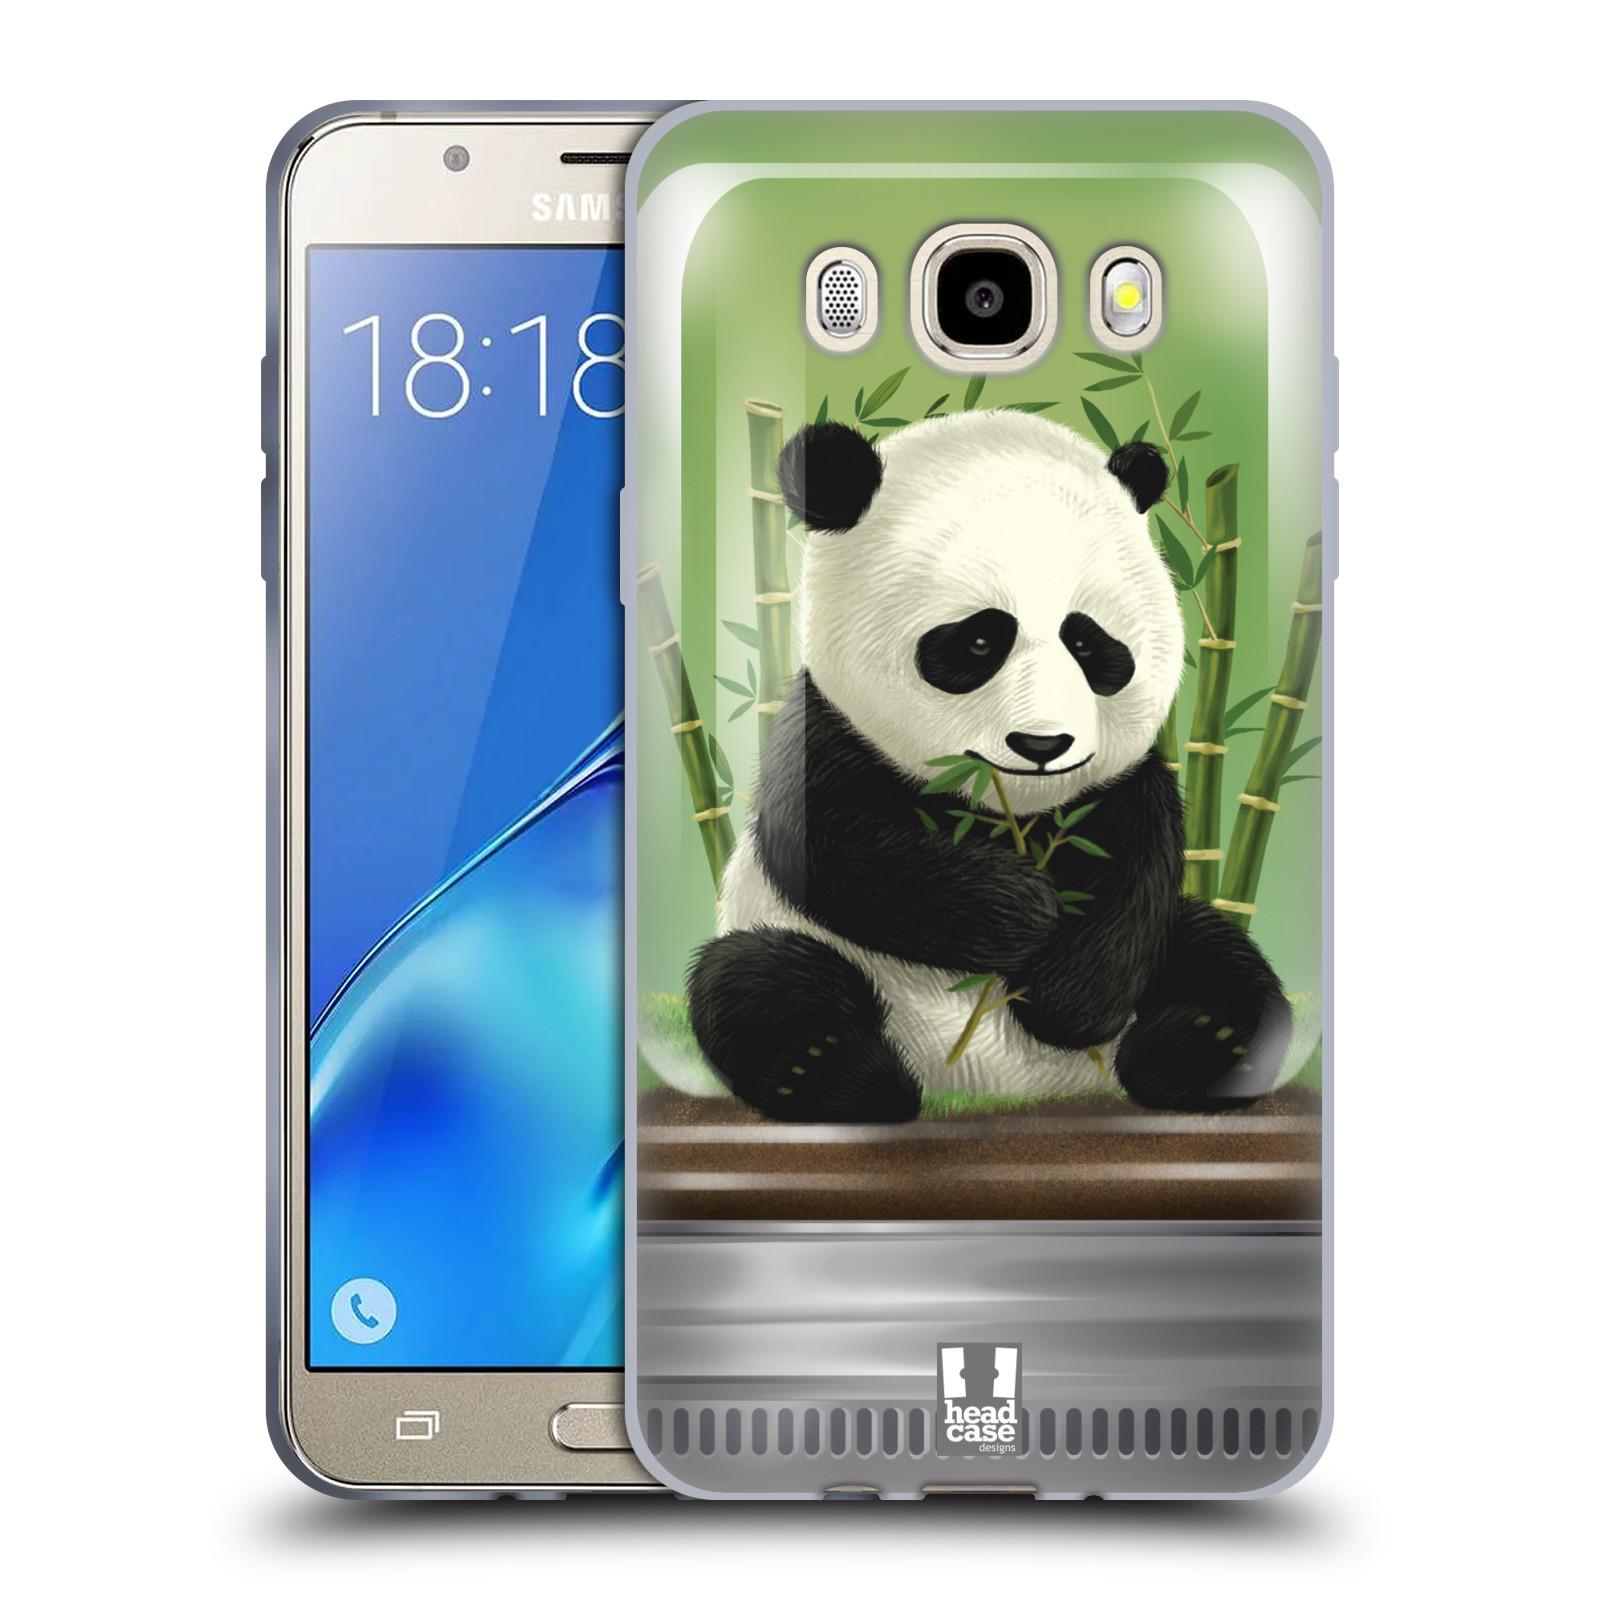 HEAD CASE silikonový obal, kryt na mobil Samsung Galaxy J5 2016, J510, J510F, (J510F DUAL SIM) vzor Zvířátka v těžítku panda